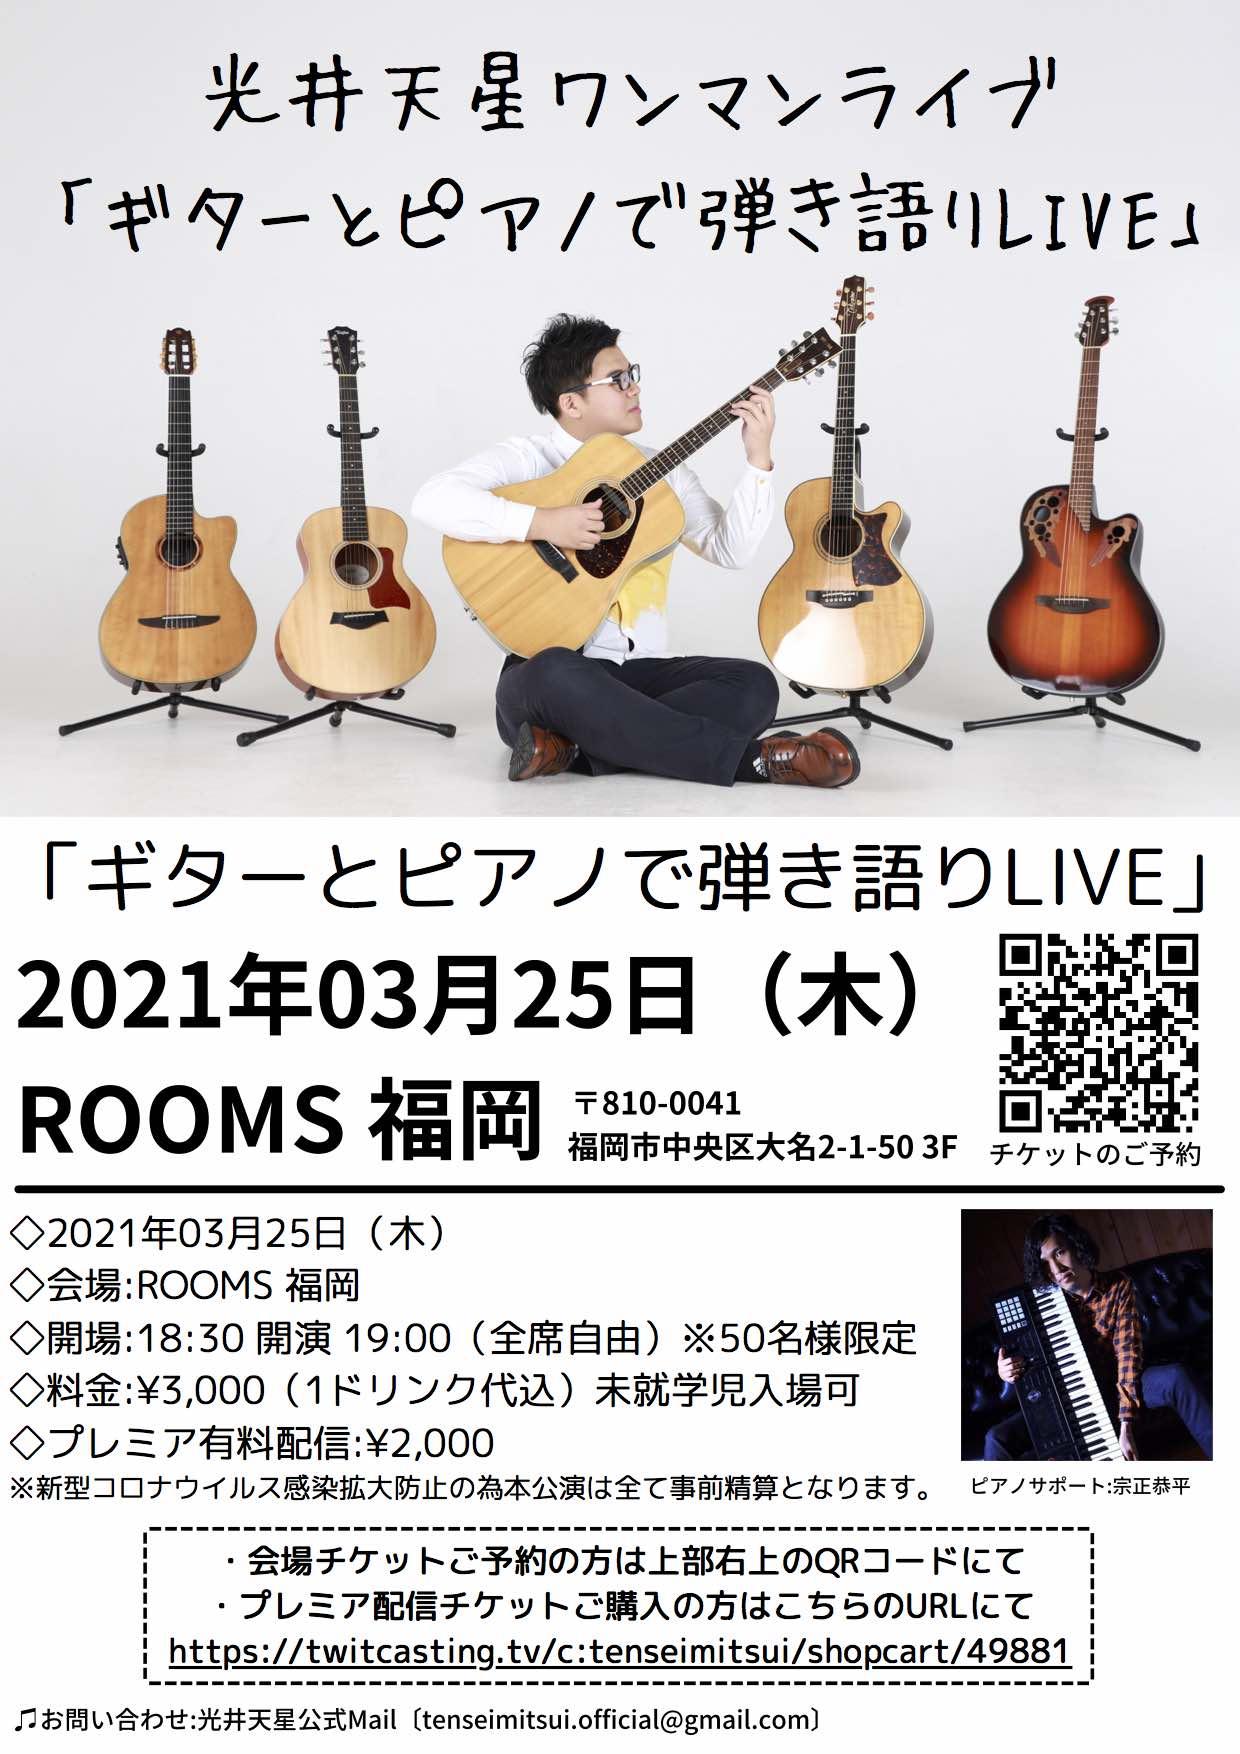 光井天星ワンマンライブ「ギターとピアノで弾き語りLIVE」